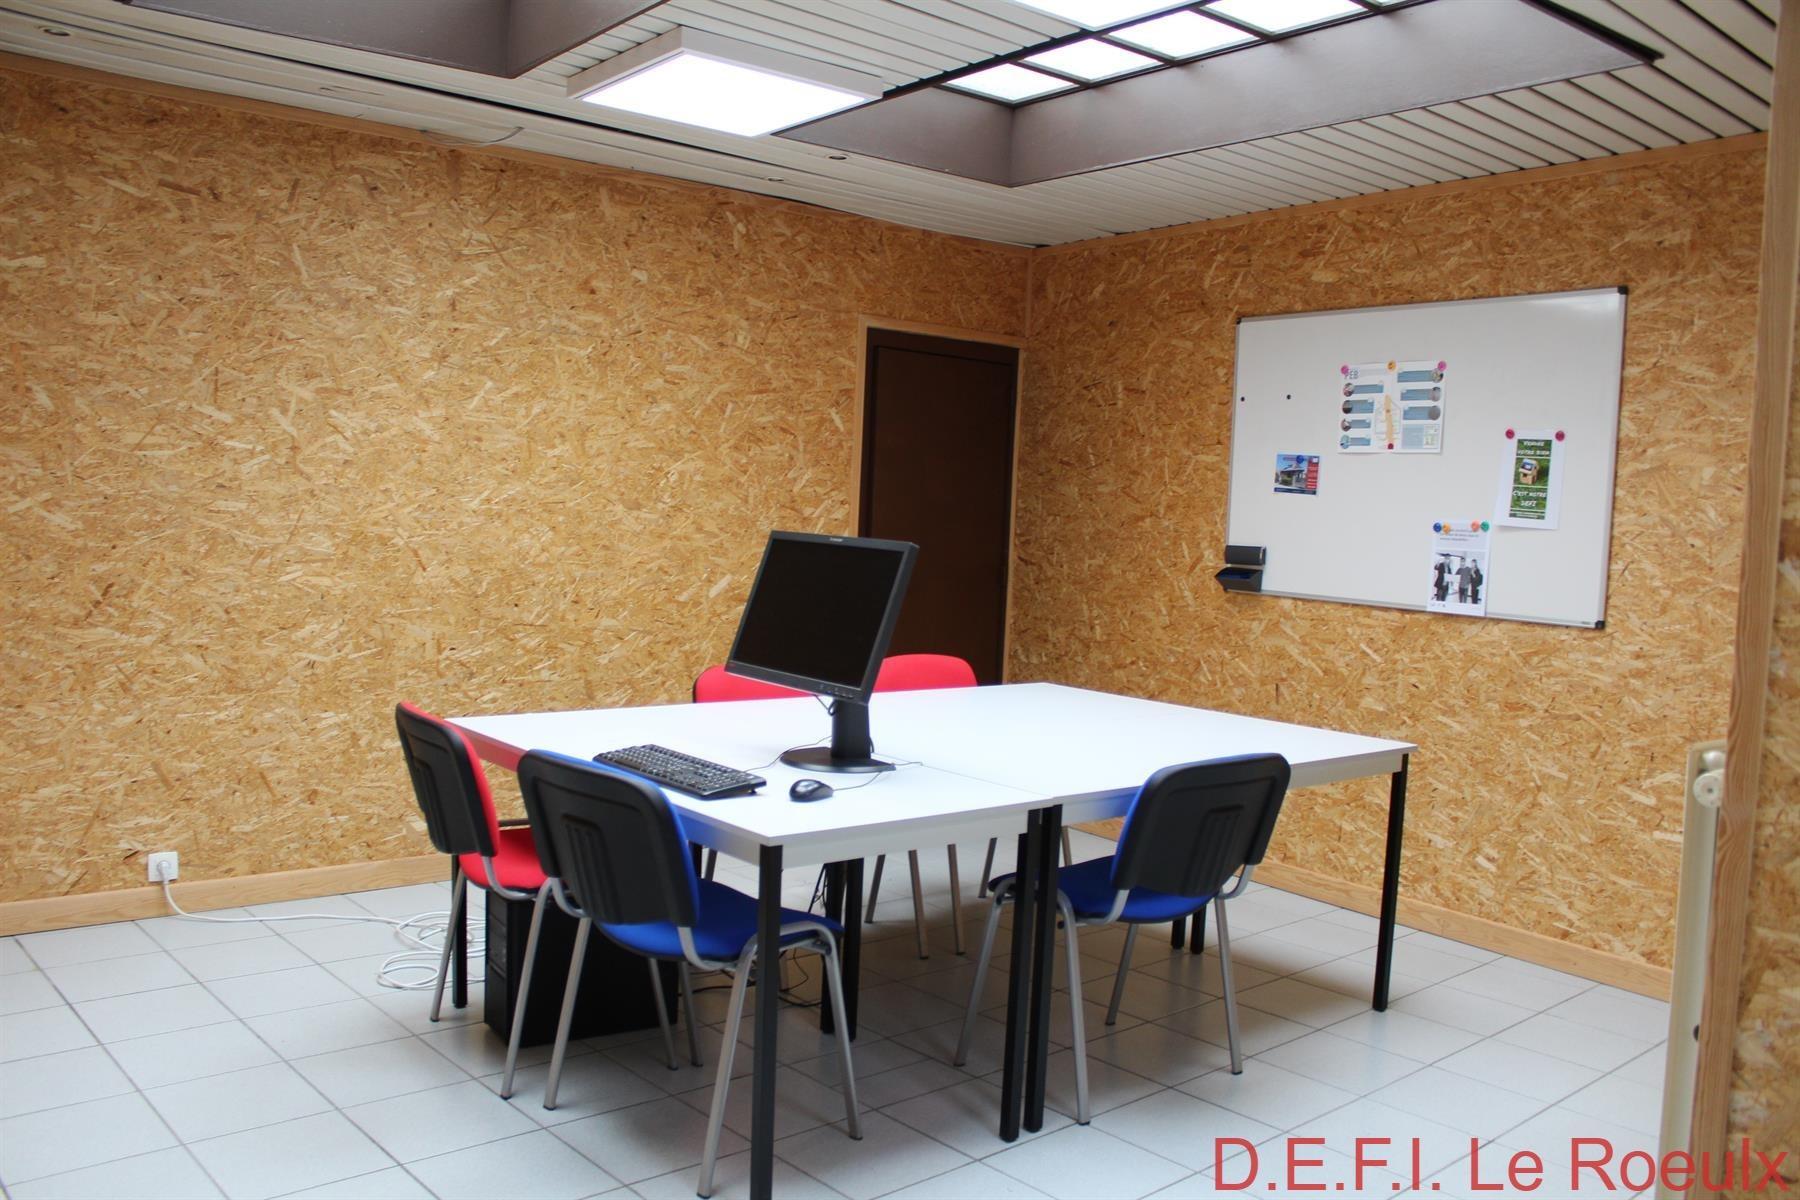 Maison - Le Roeulx - #4489692-4